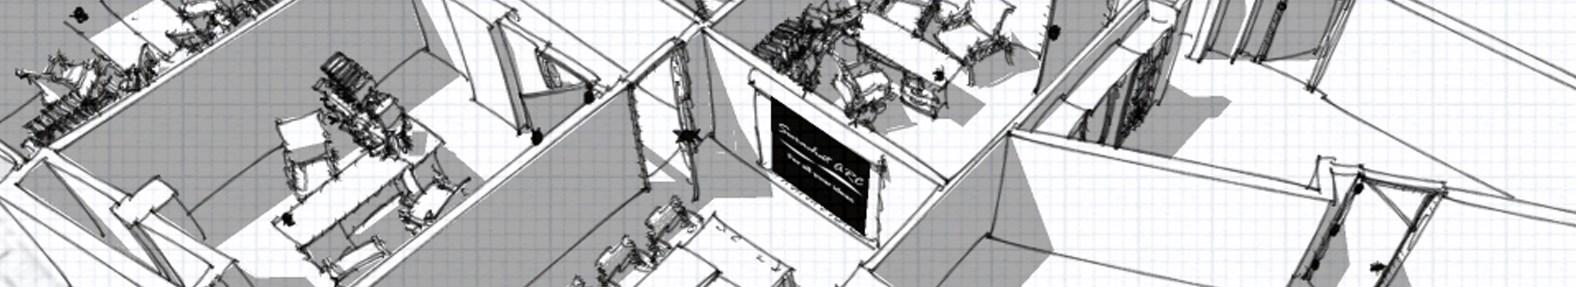 مجموعة التكامل لمواقع البناء - إدارة البناء